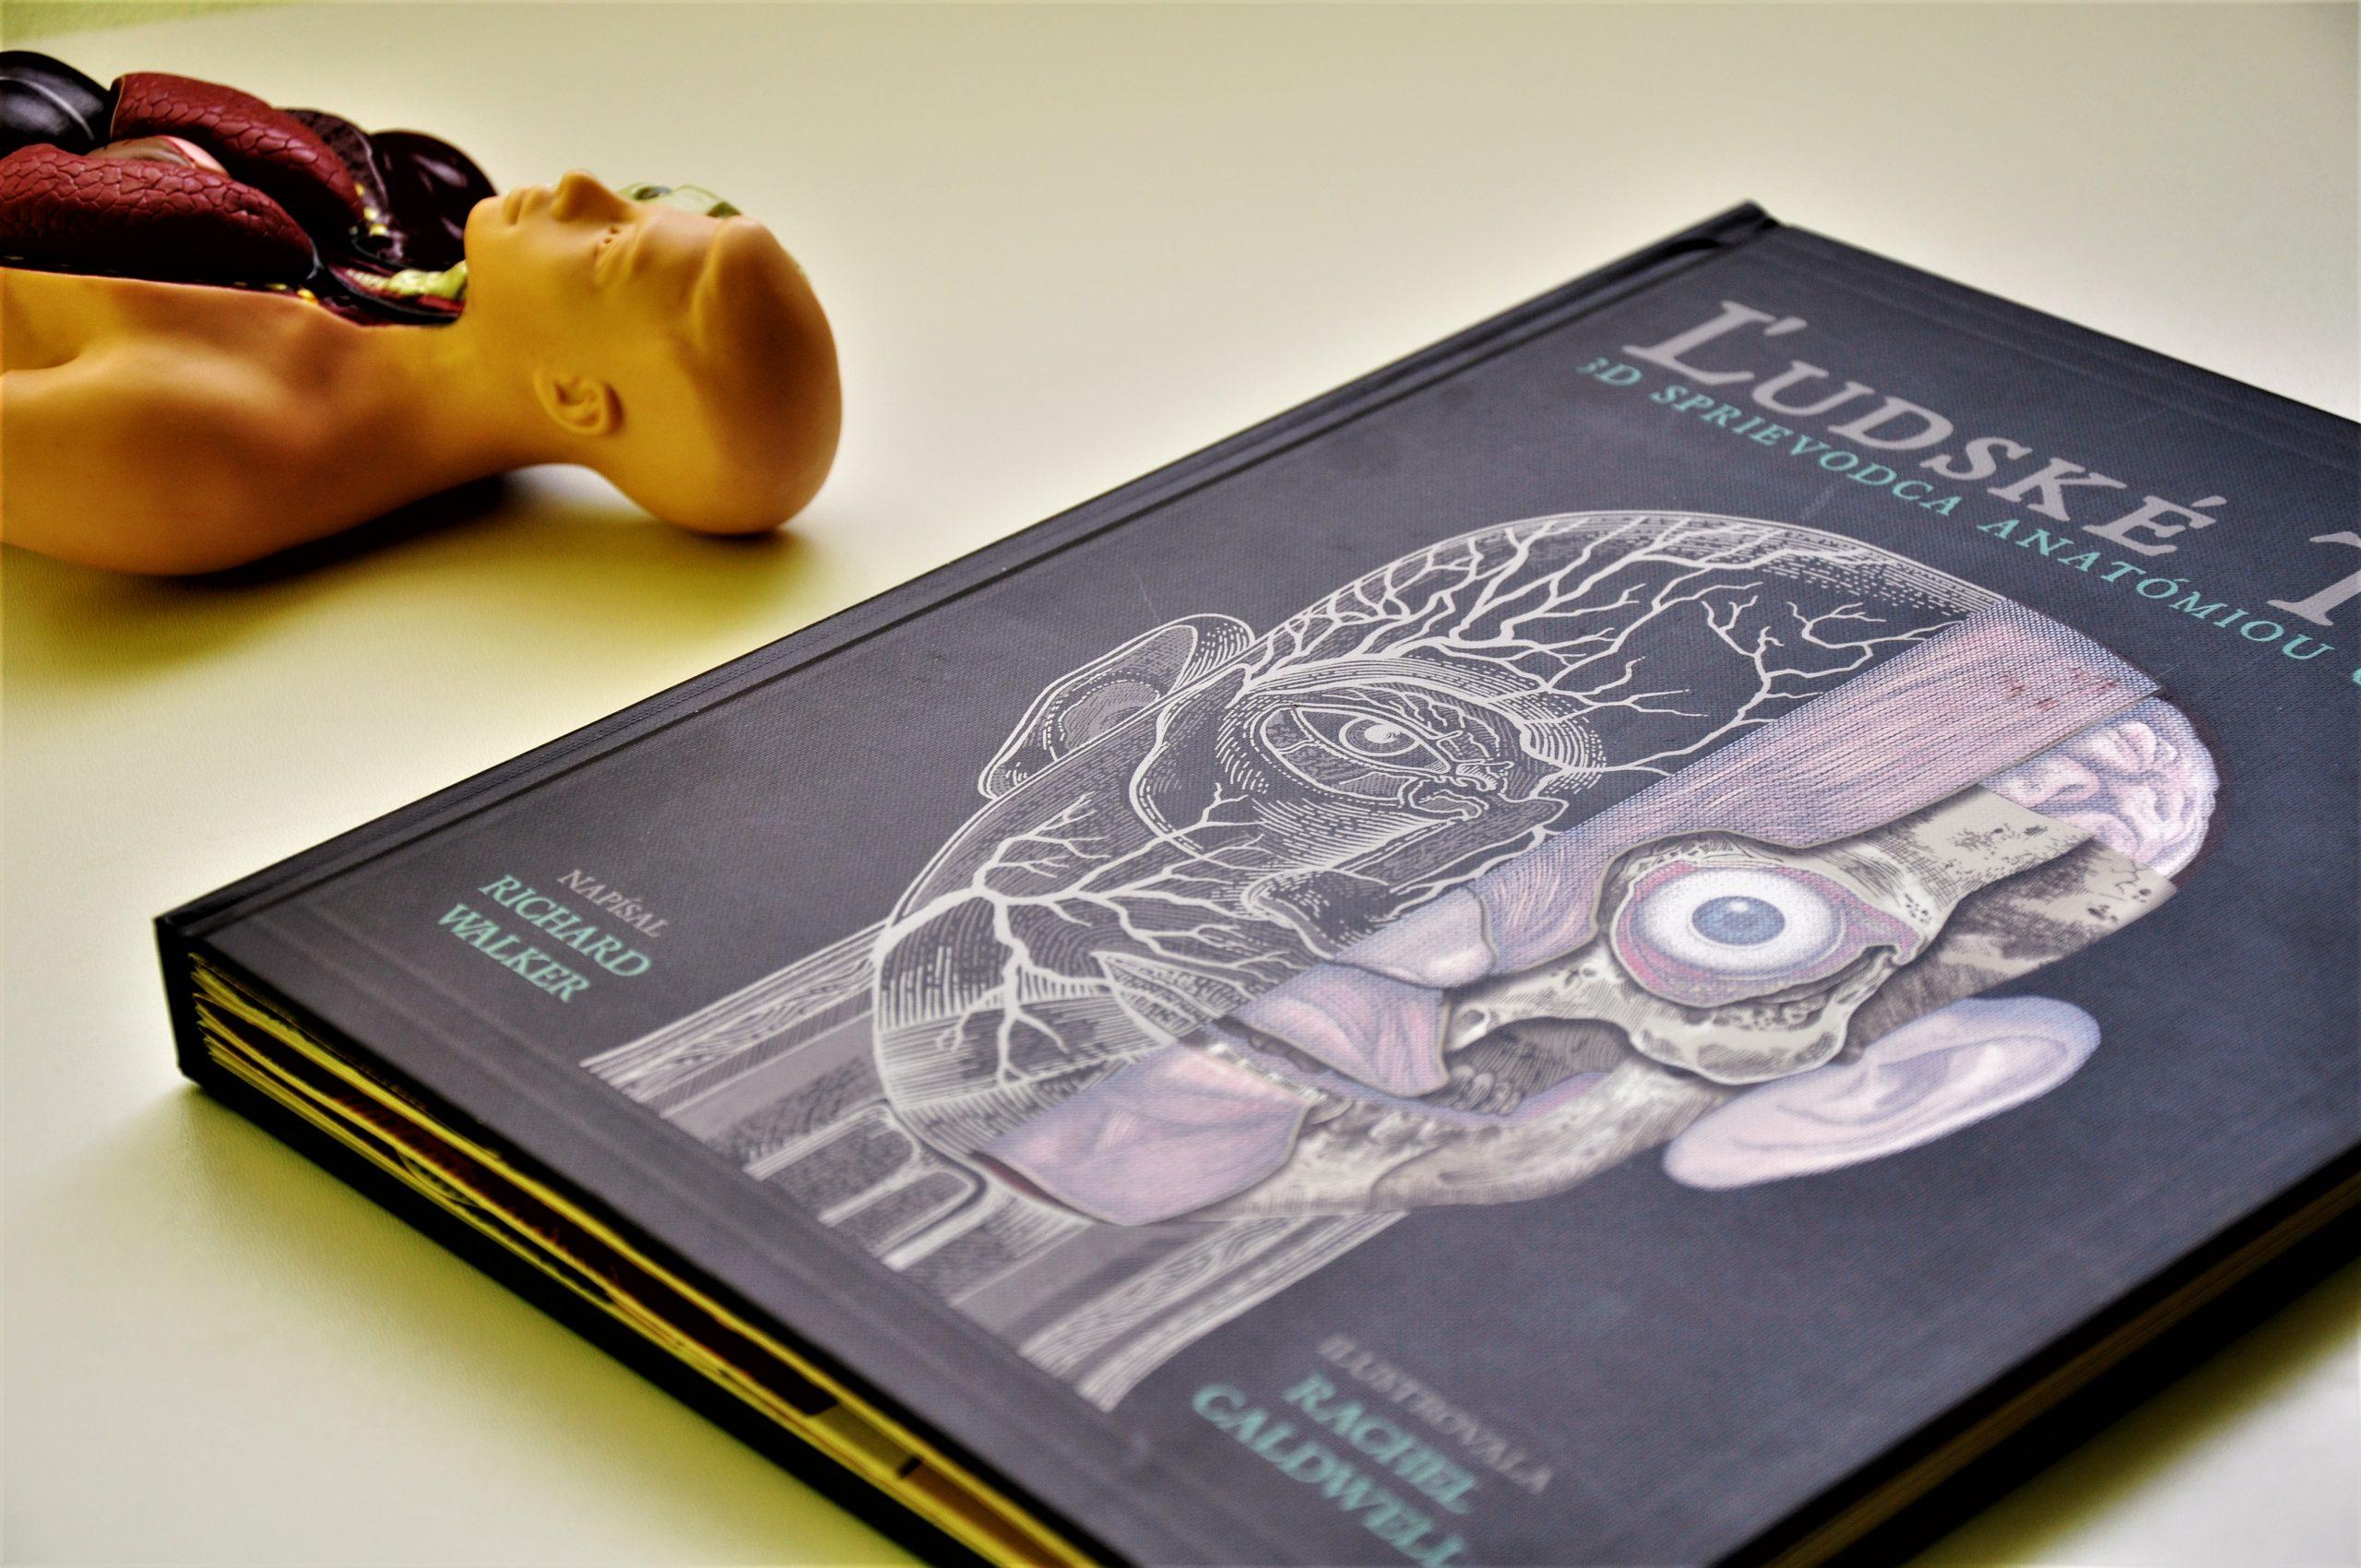 ĽUDSKÉ TELO. 3D SPRIEVODCA ANATÓMIOU ČLOVEKA